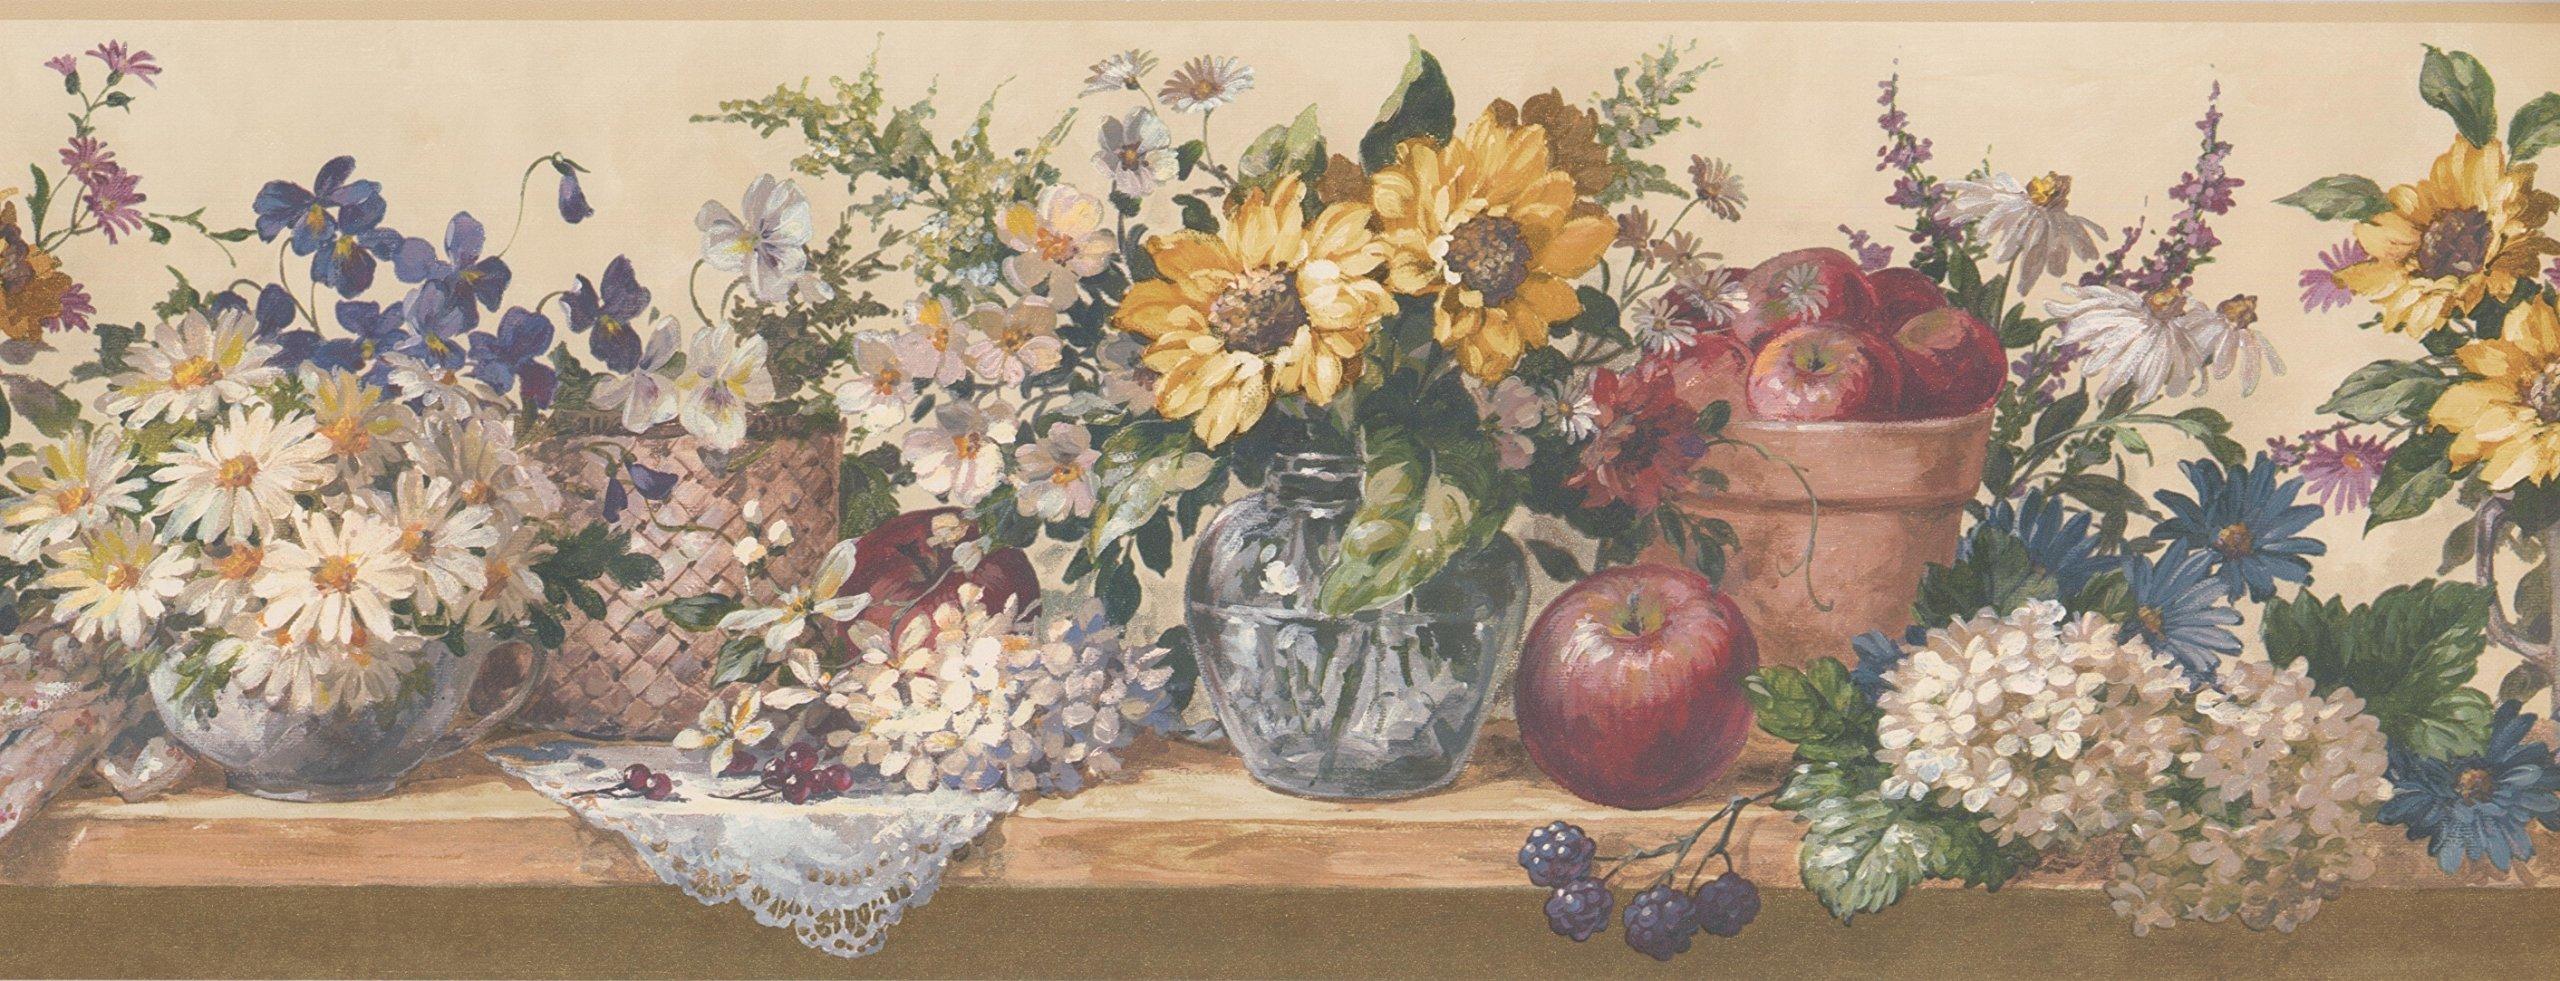 Wallpaper Border - Flower and Fruits Wallpaper Border 5508332